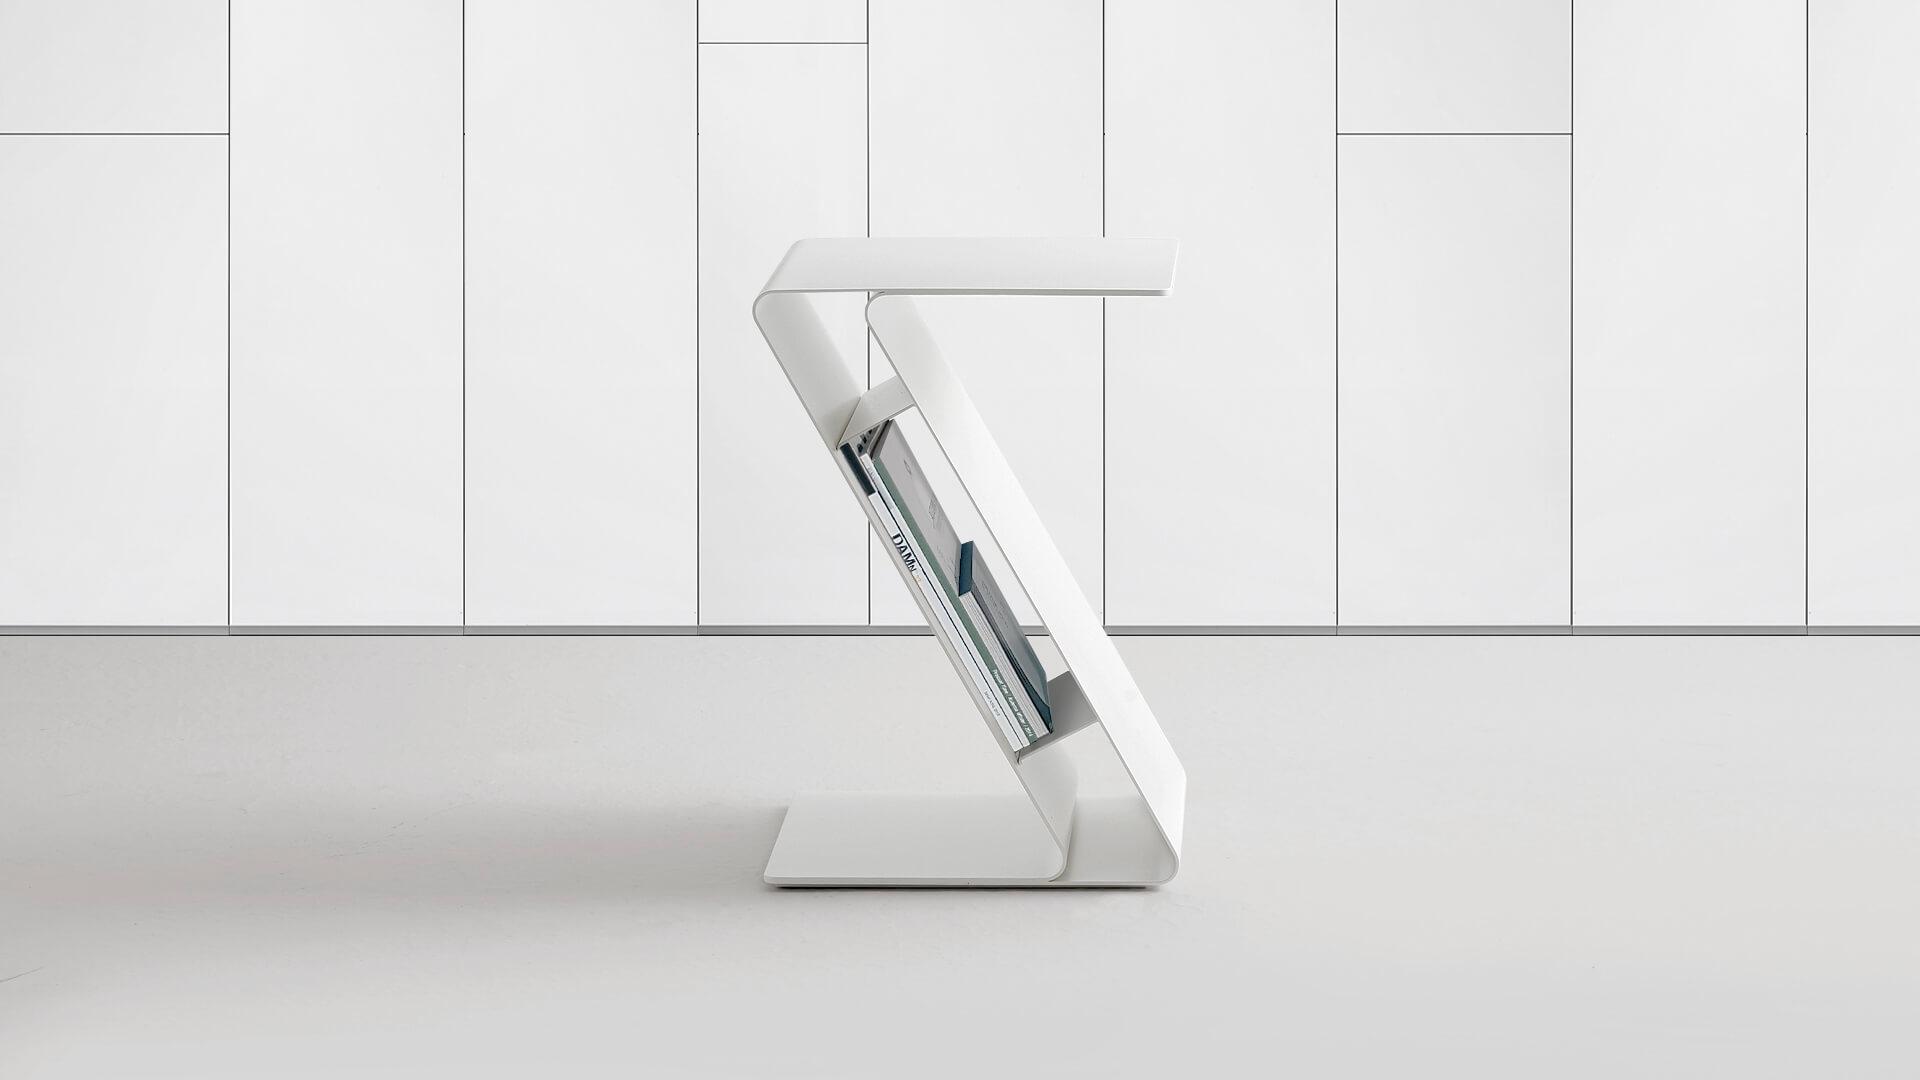 Möbeldesign Beistelltisch Hamburg